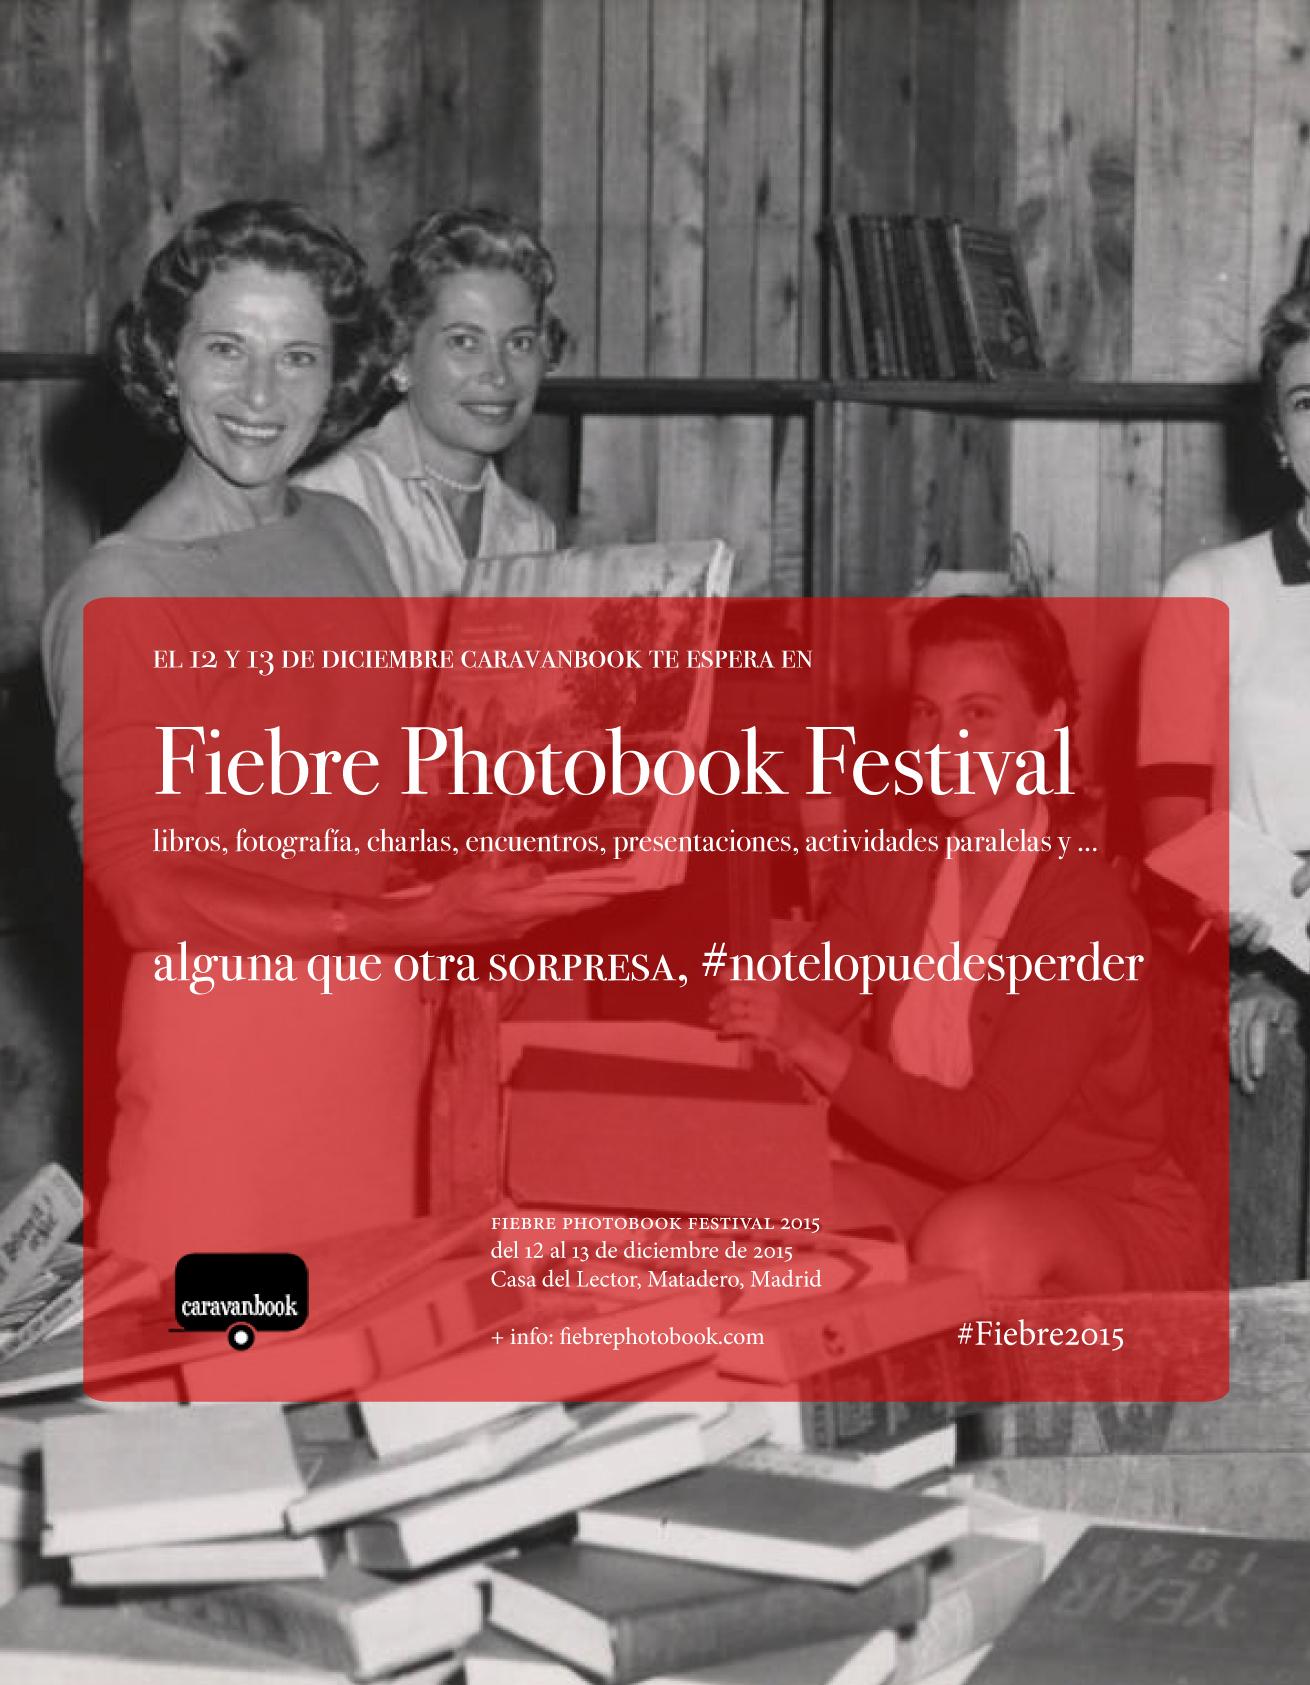 Caravanbook participa en la feria de Fiebre Photobook 2015 donde presentará novedades como el nuevo libro de Nueva York de la escritora Elvira Lindo.